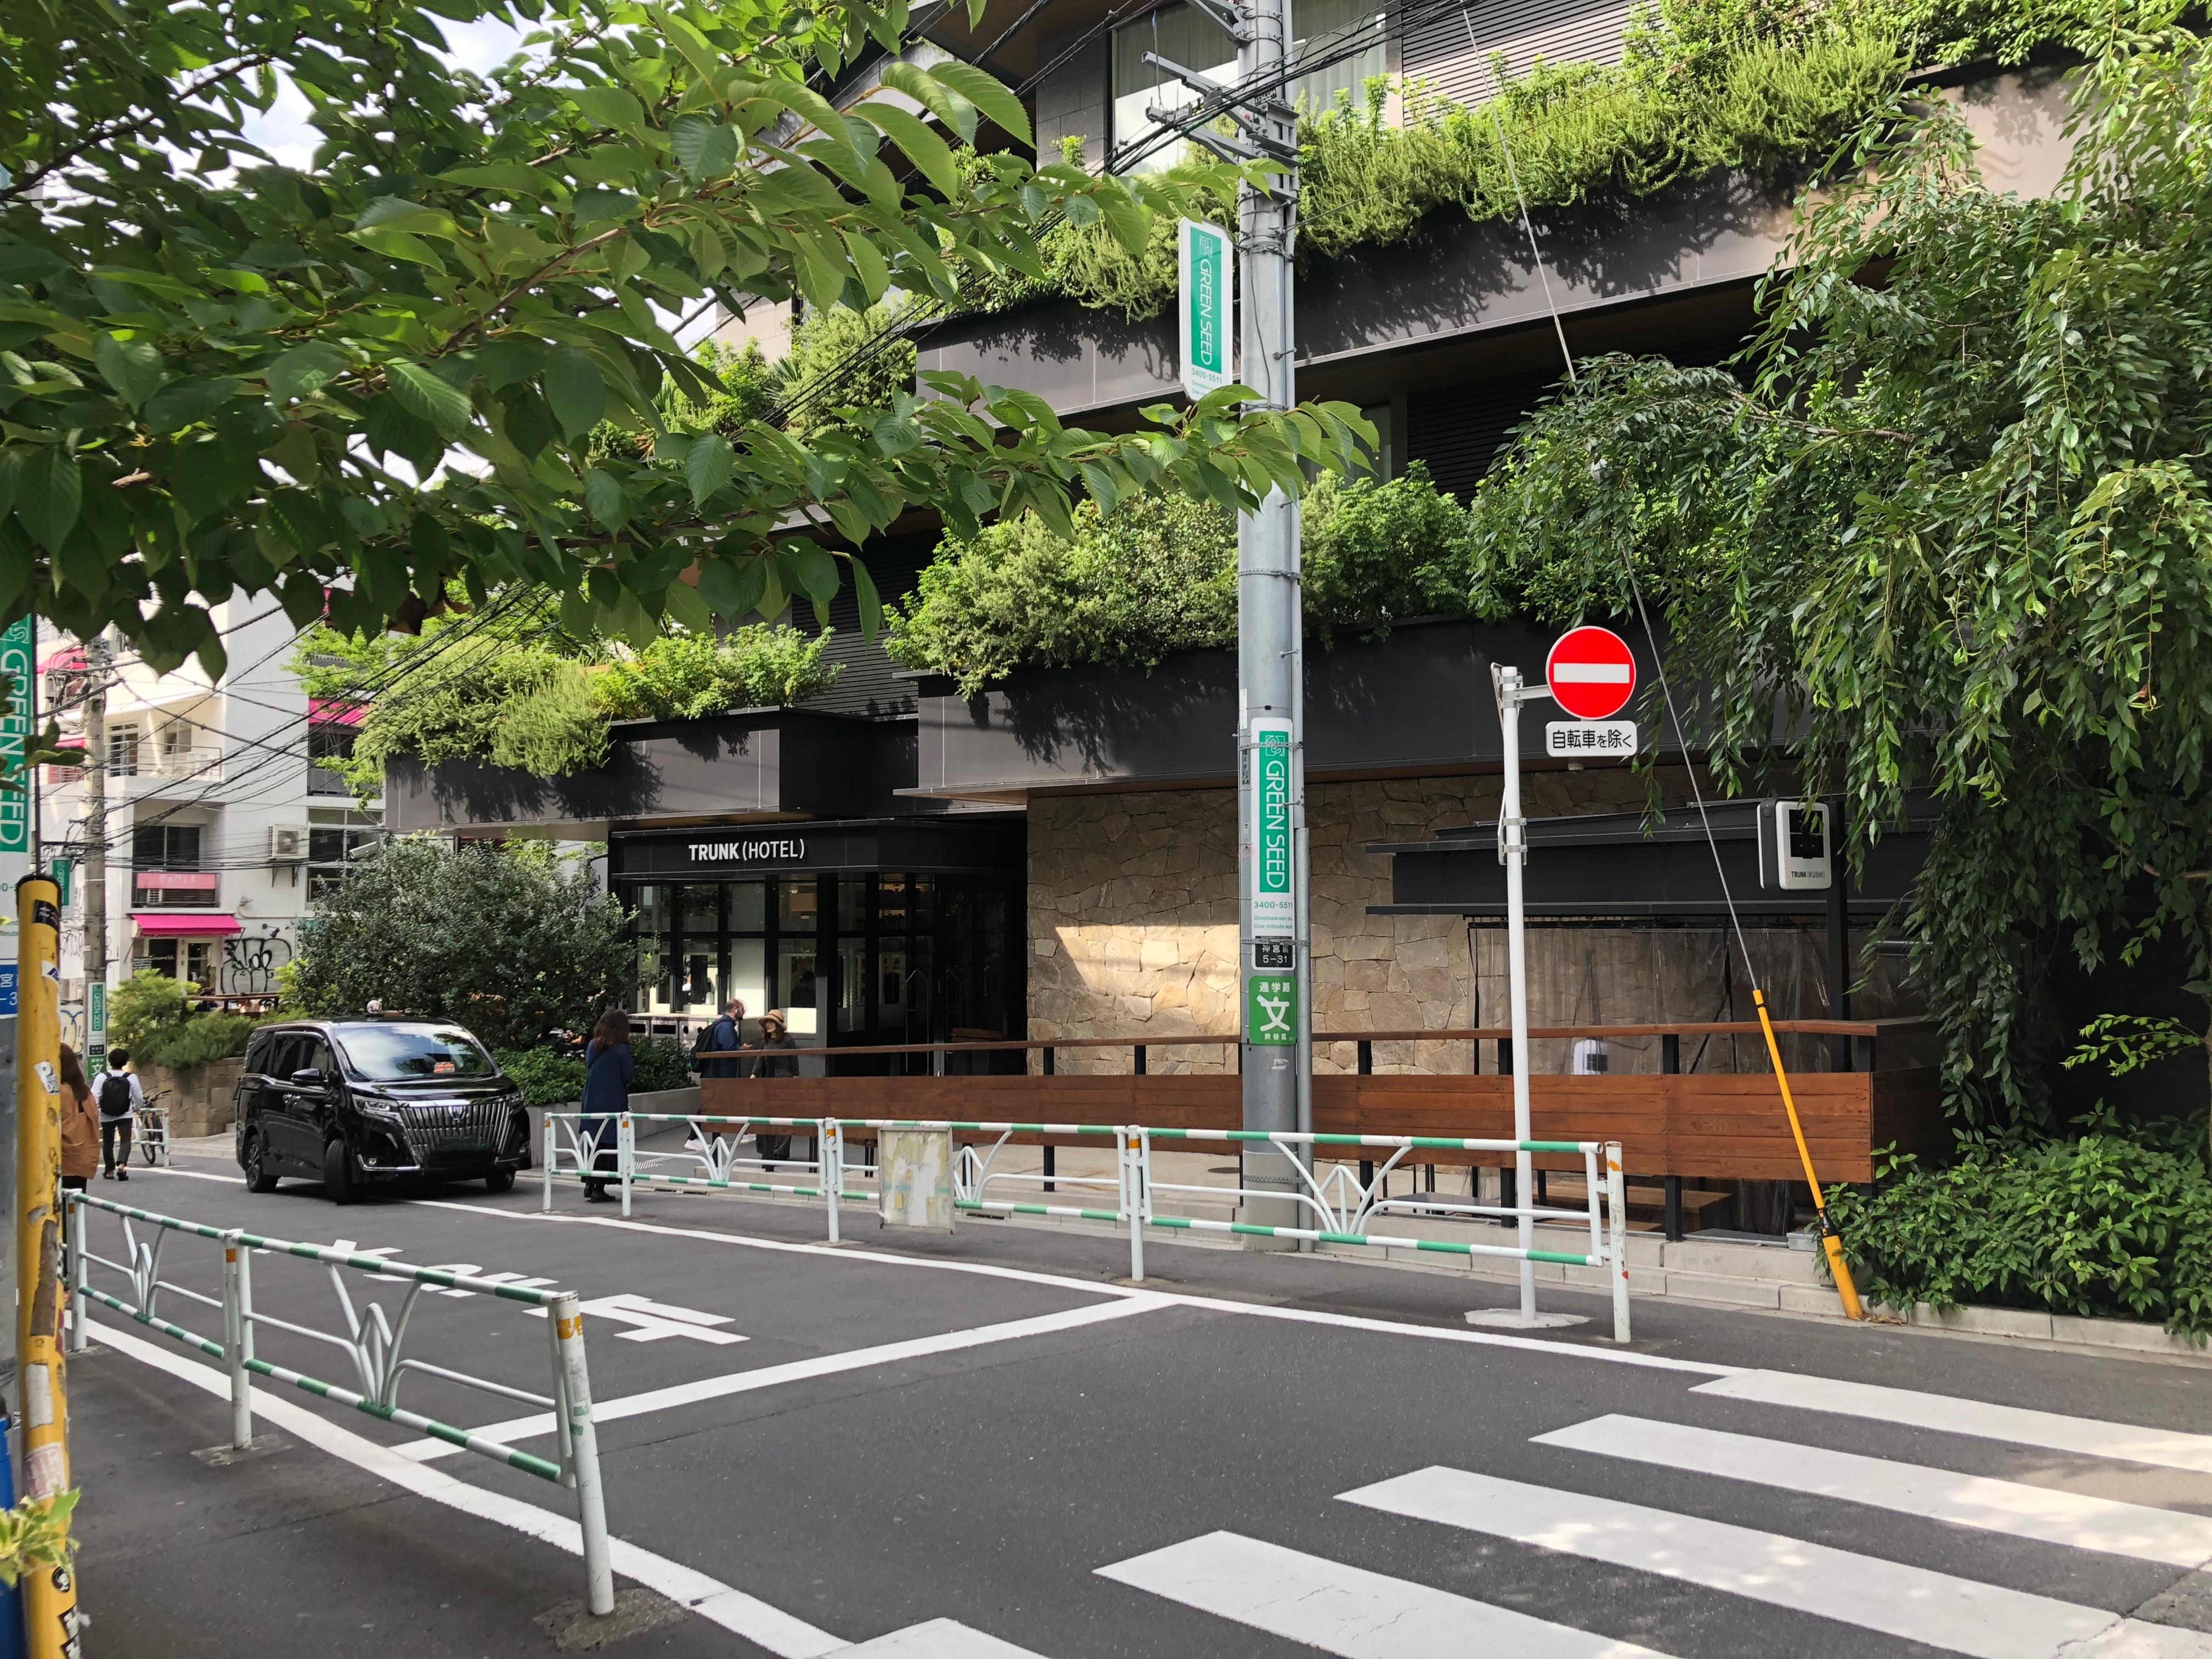 渋谷駅方面から明治通りを歩いてくると左手に宮下公園のバス停がございます。その先1つ目の信号を右折してTRUNKホテル方面へへお進み下さい。